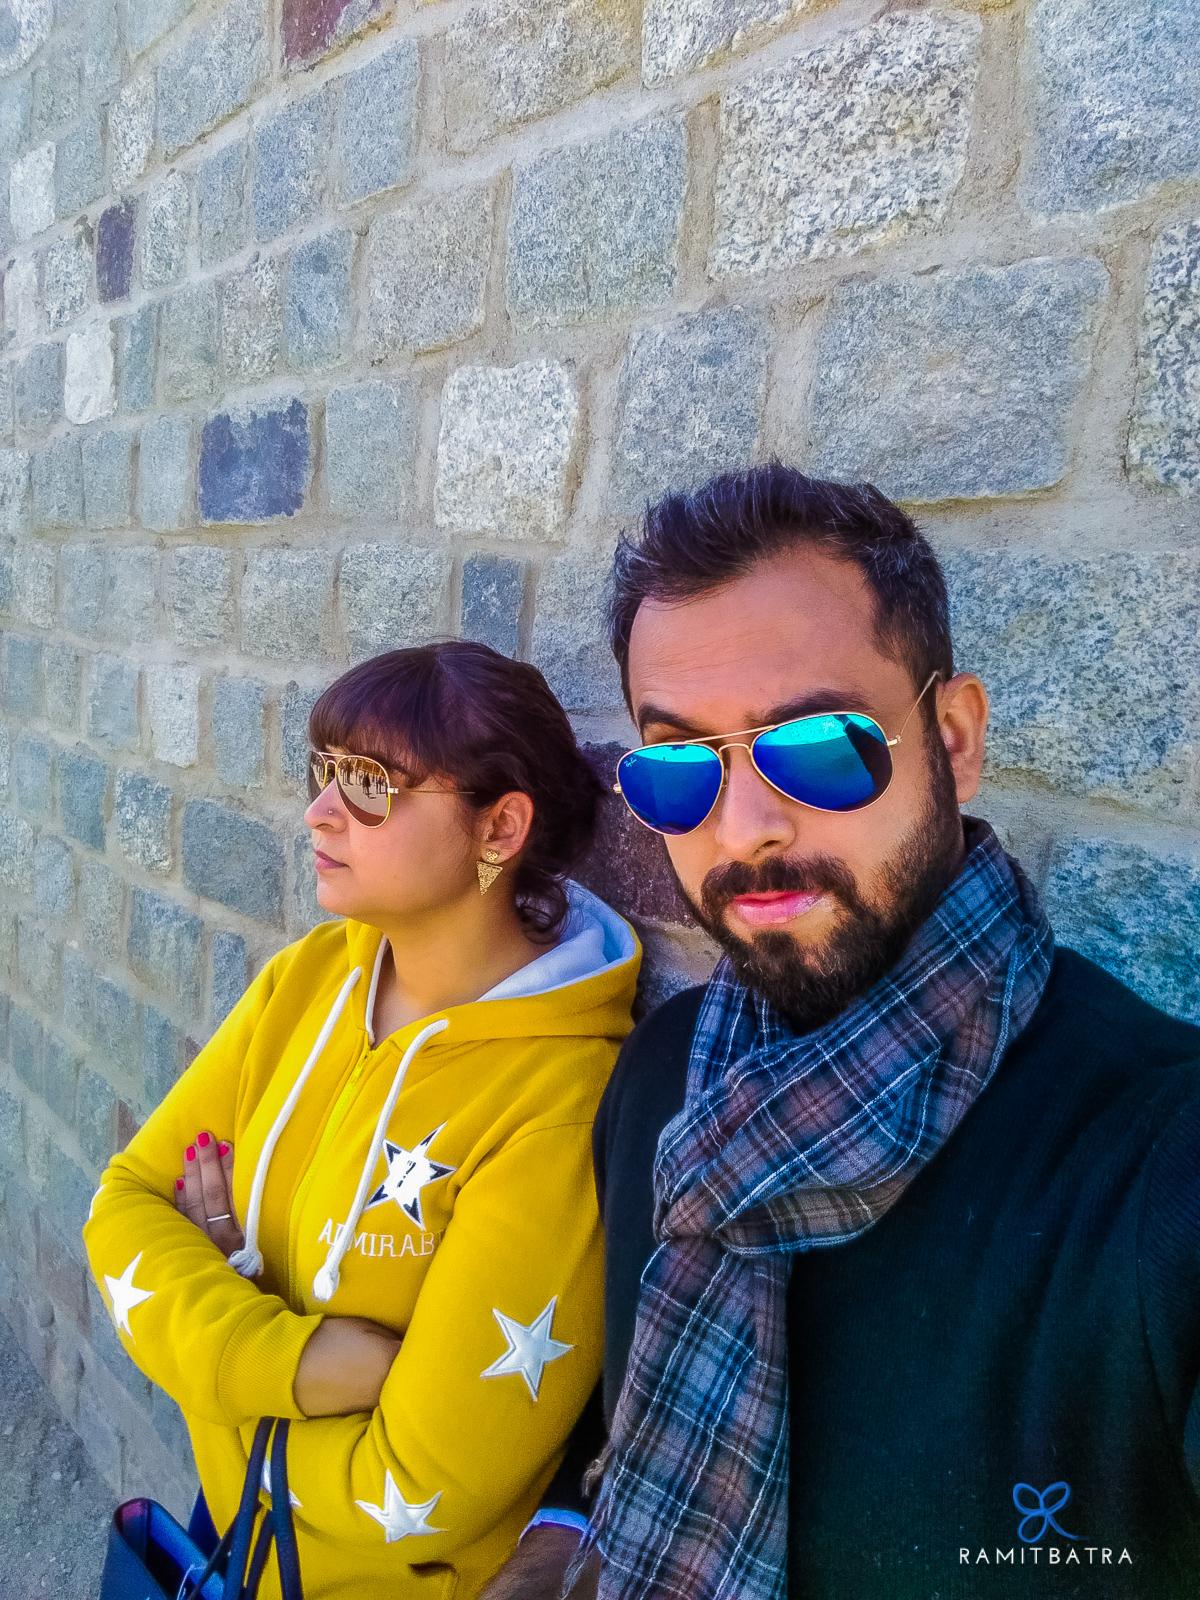 Asus-Zenfone-Max-Ladakh-RamitBatra_11